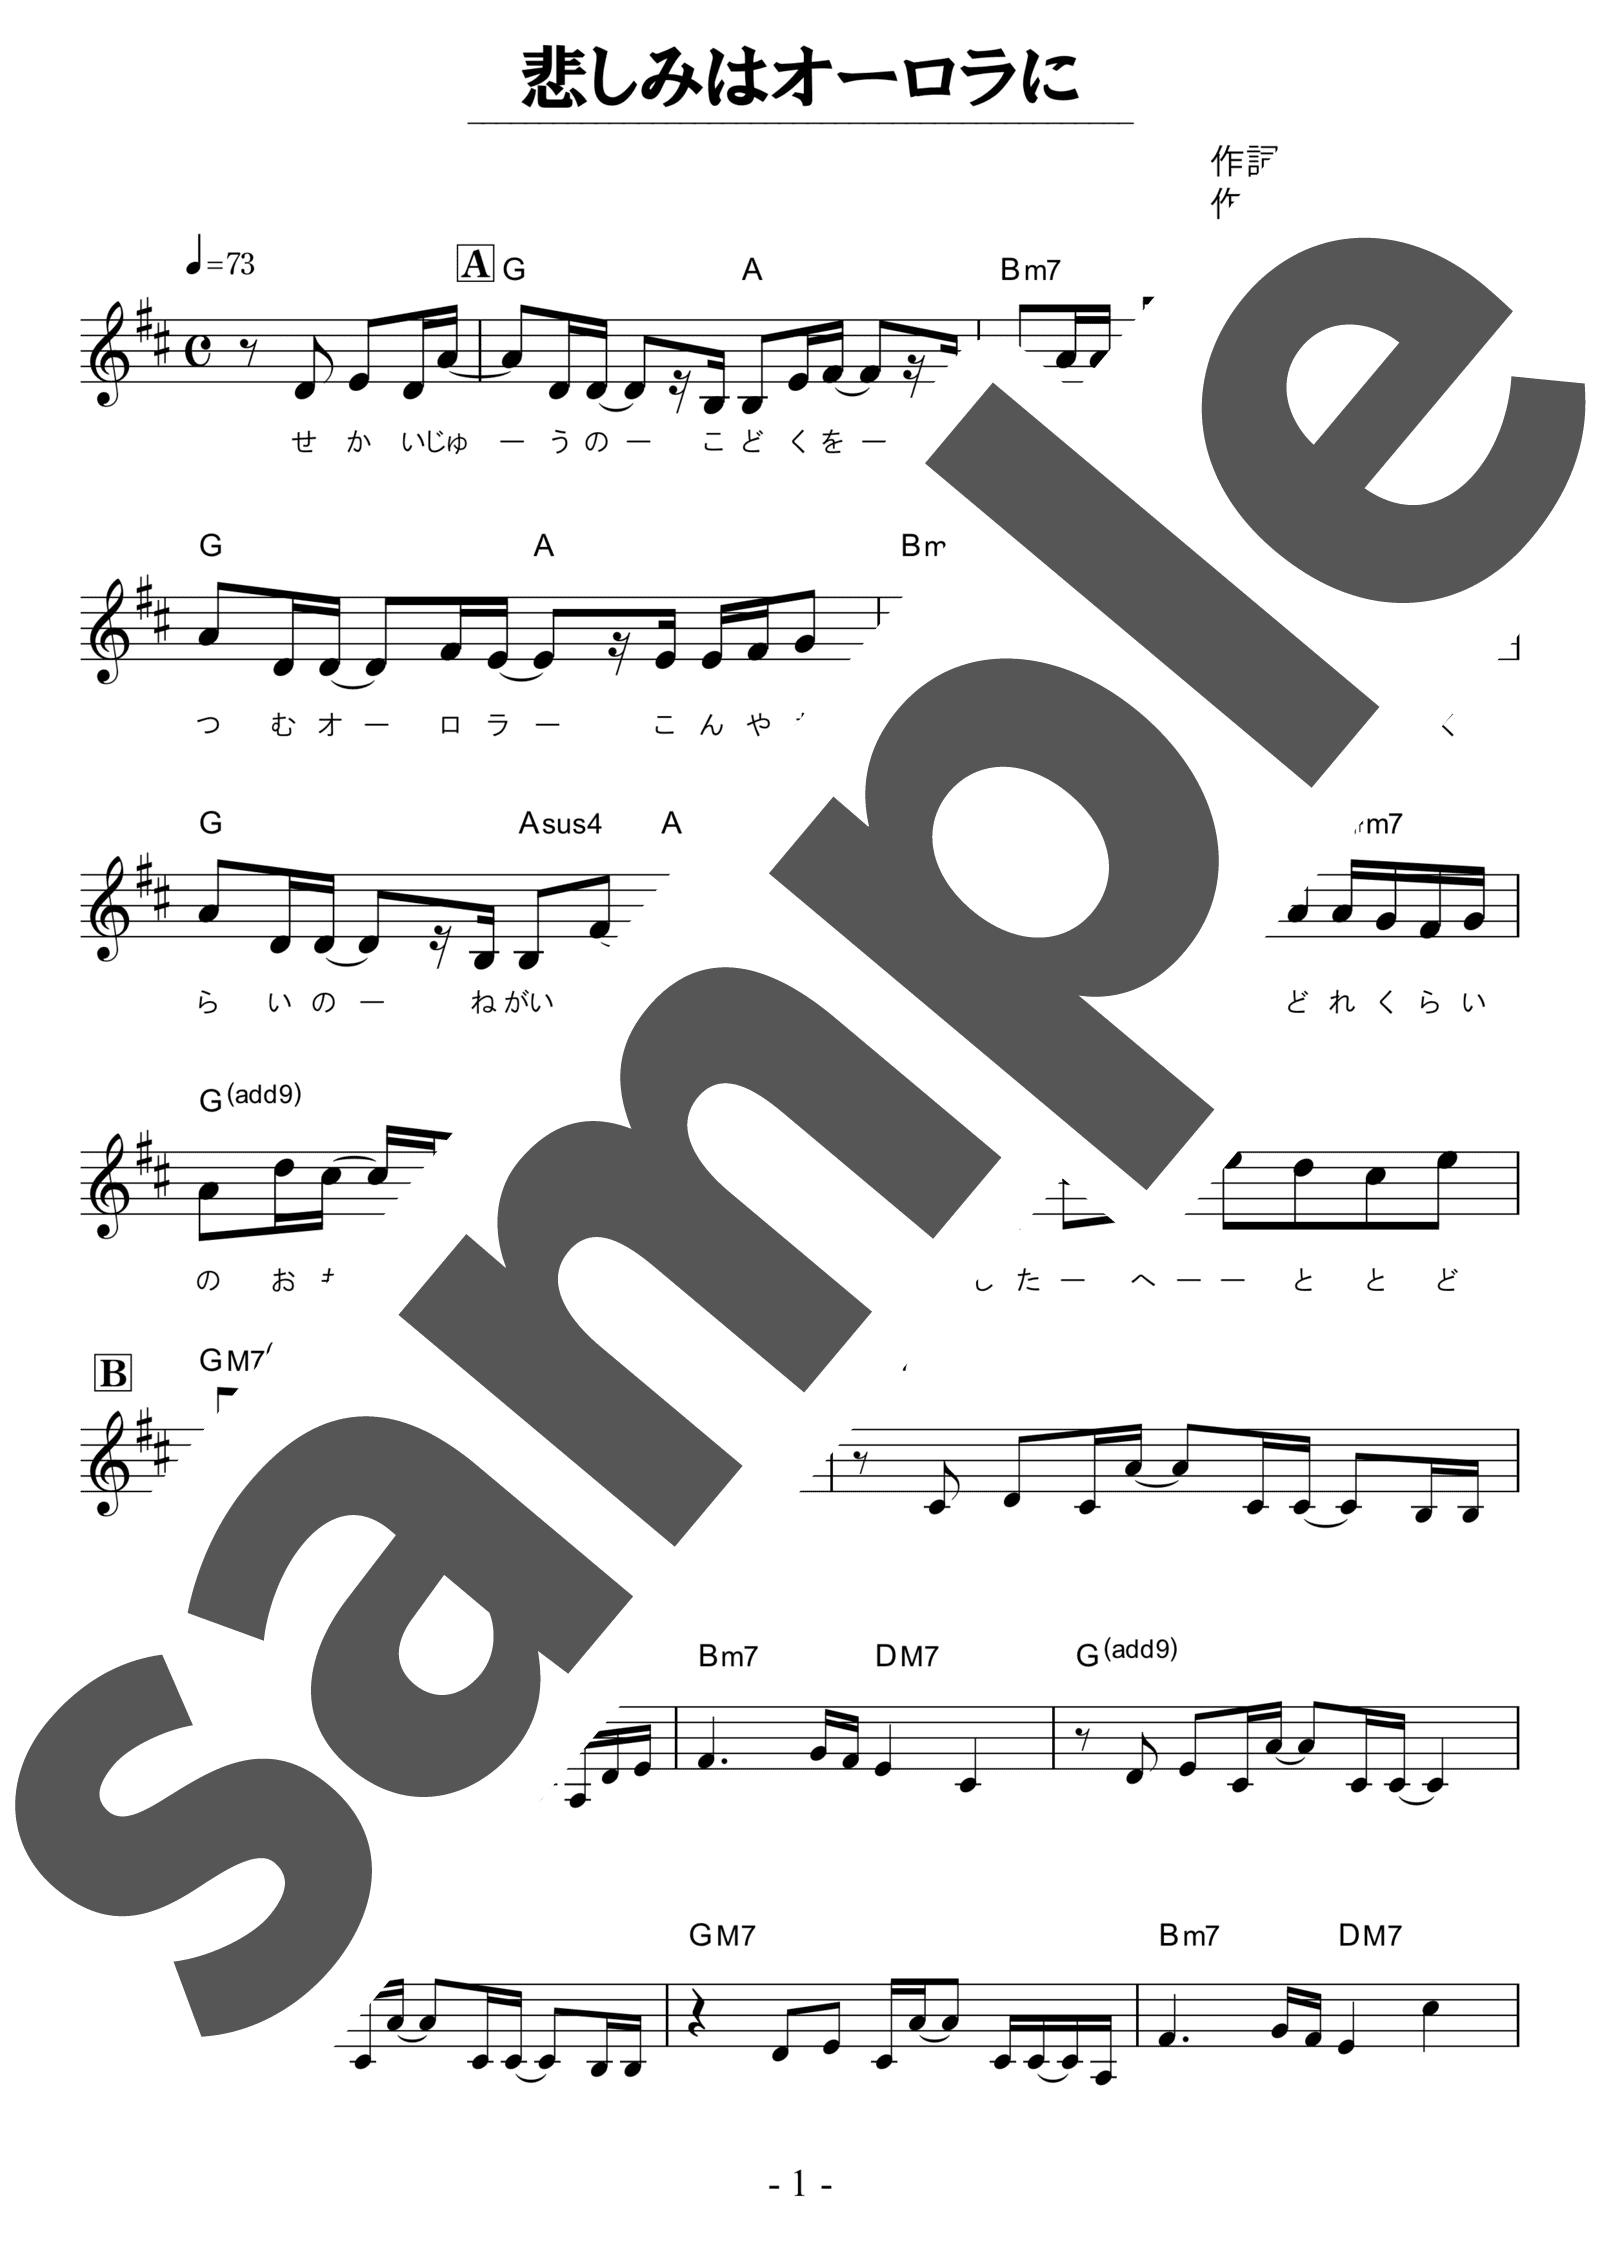 「悲しみはオーロラに」のサンプル楽譜